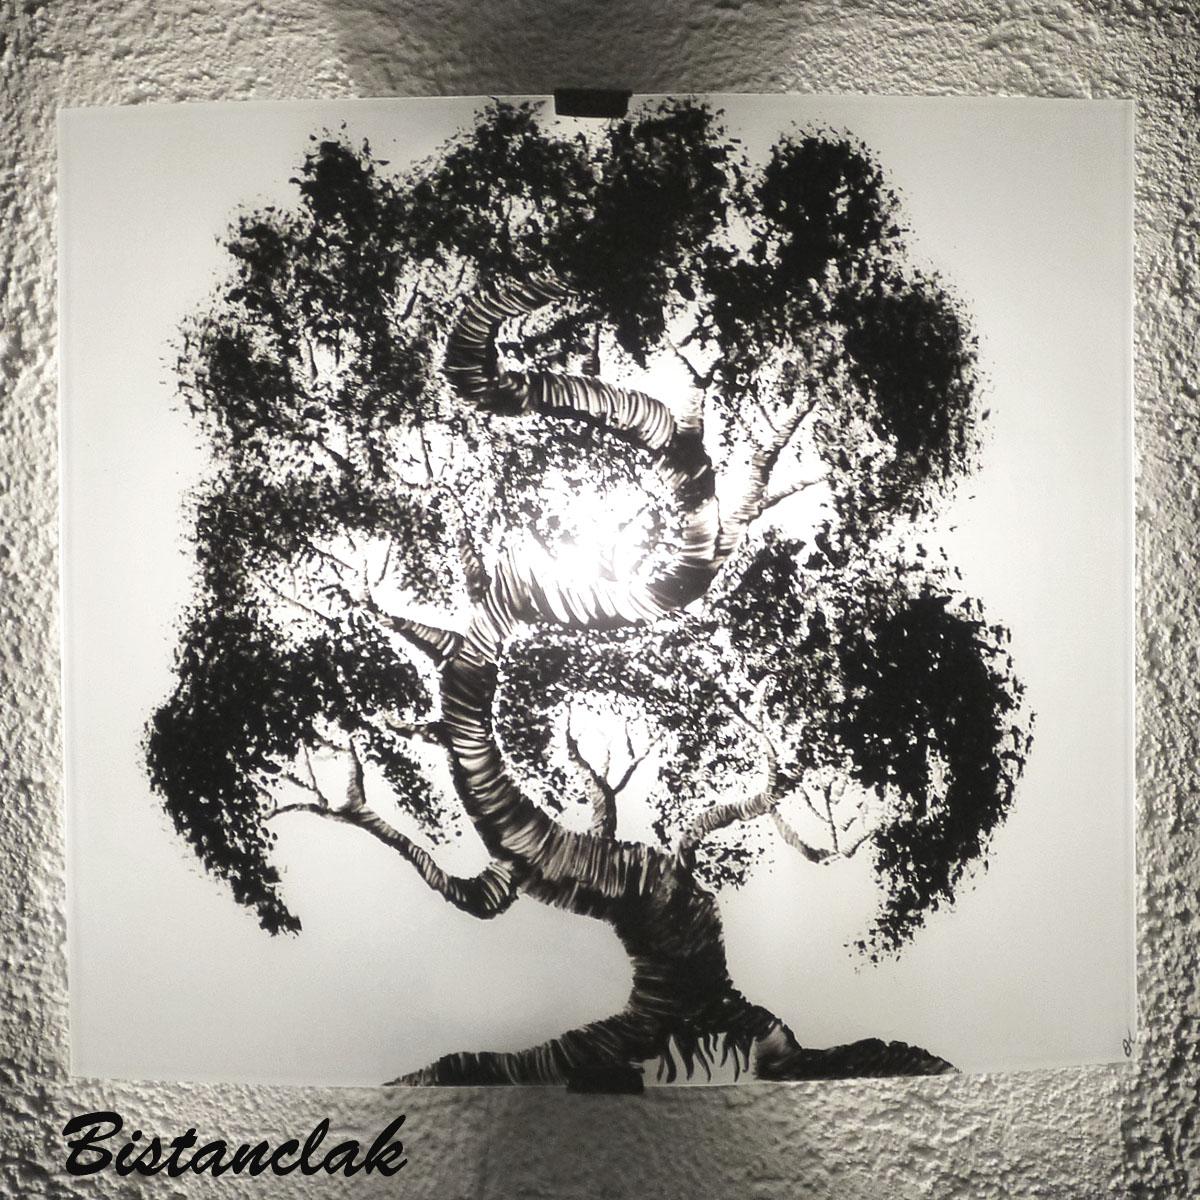 Vente en ligne de l applique demi cylindre blanche au dessin d un arbre bonsai un luminaire artisanal eclairant et epure